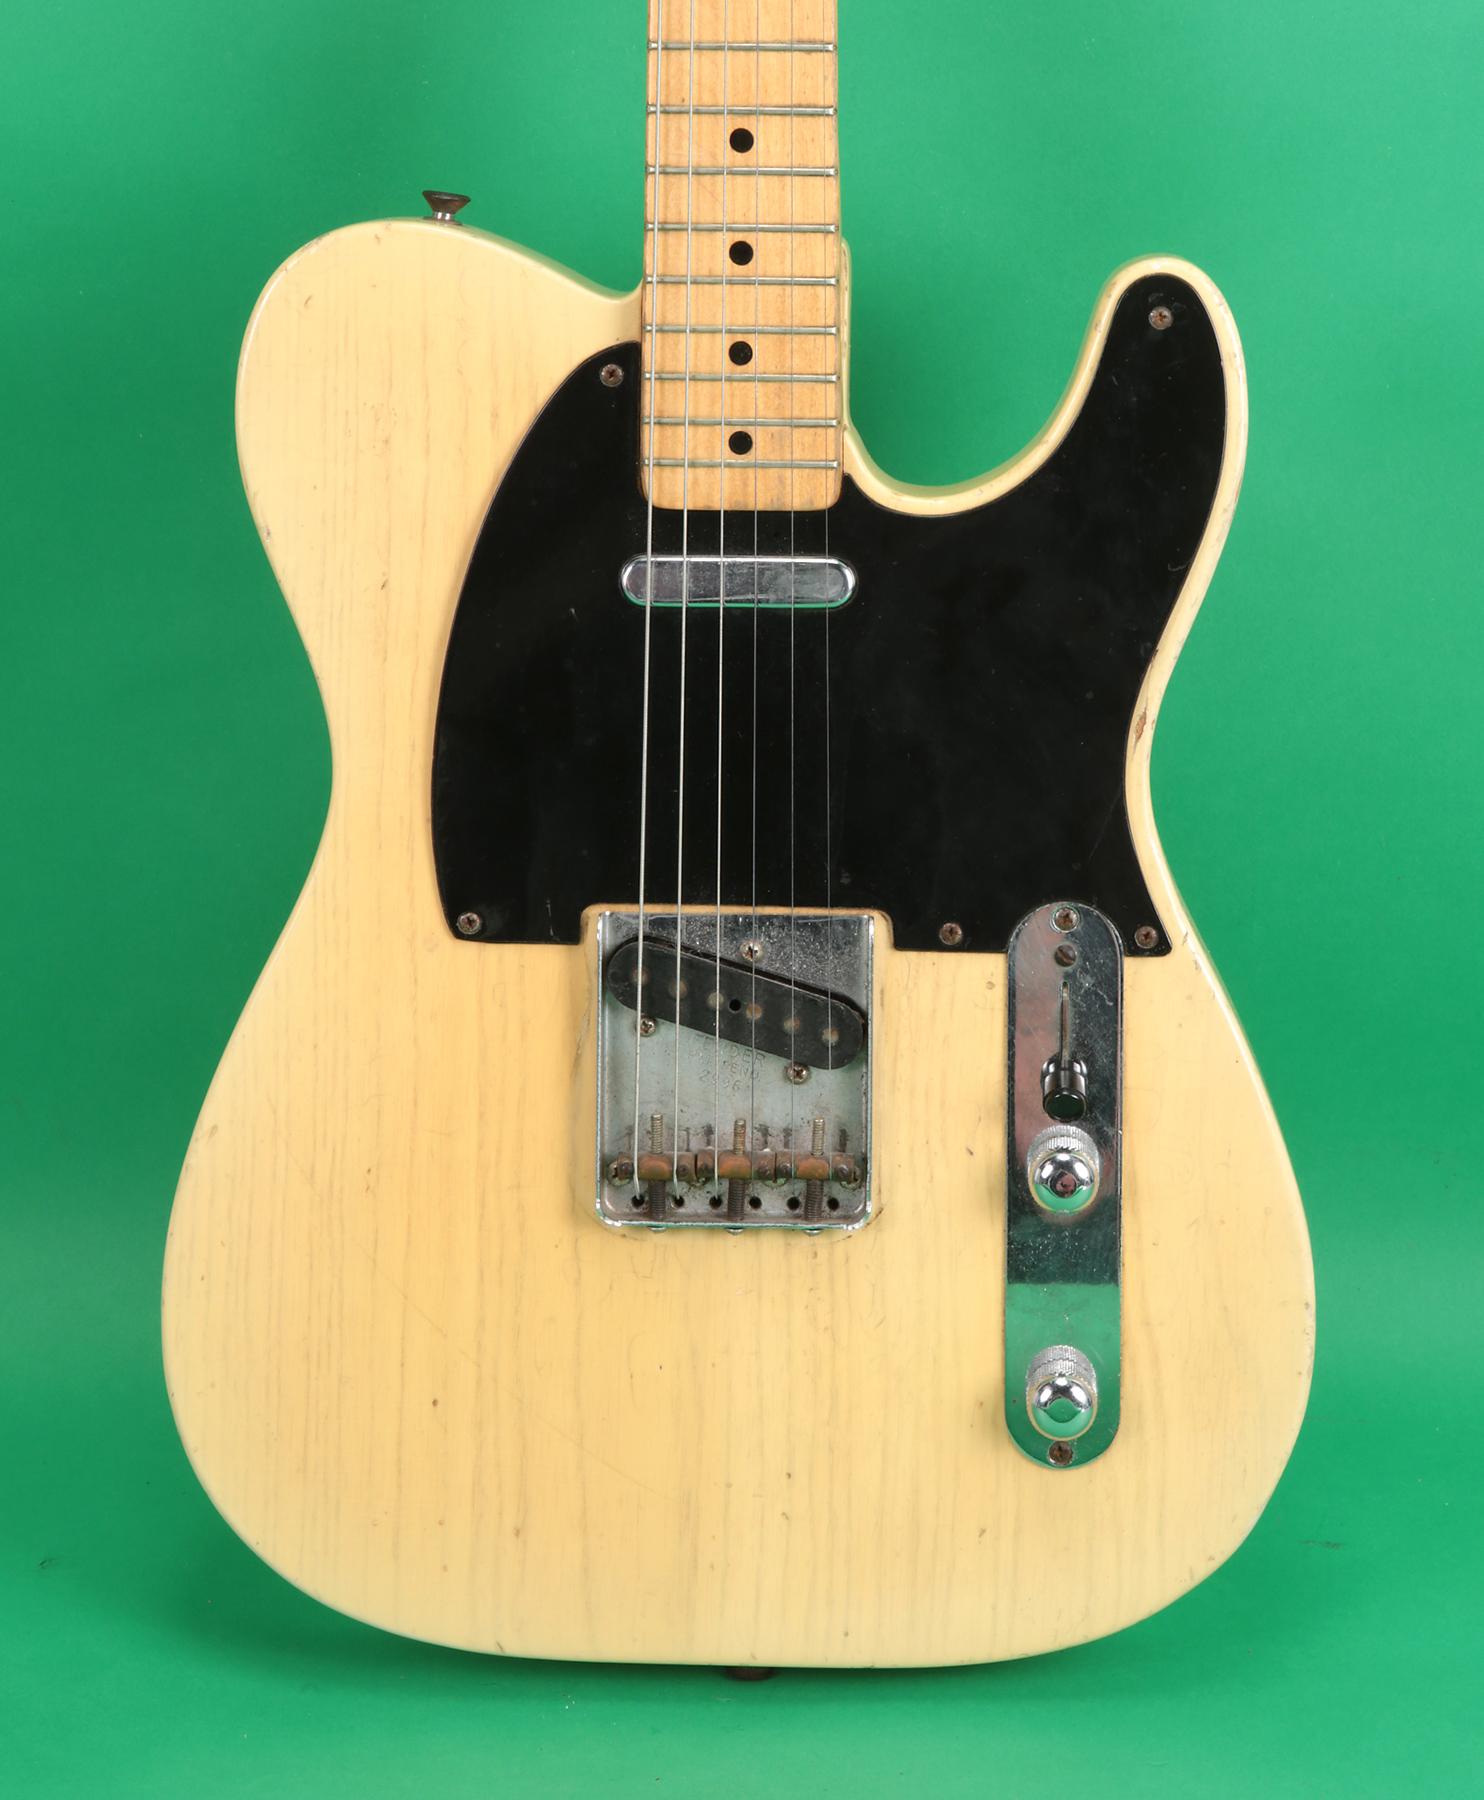 fender telecaster 1953 butterscotch guitar for sale jay rosen music. Black Bedroom Furniture Sets. Home Design Ideas